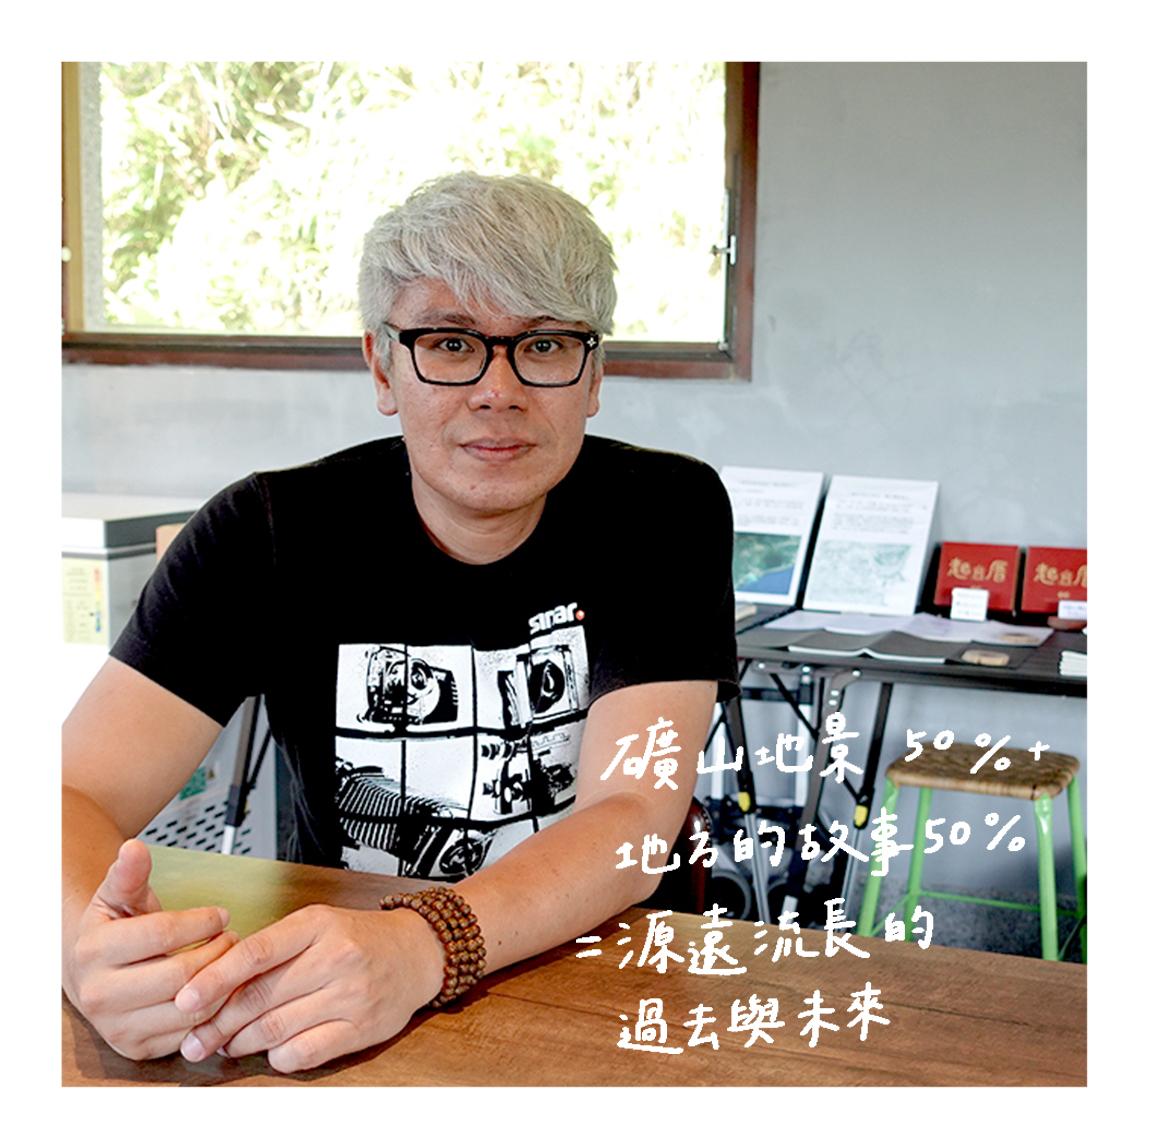 草圖意識設計工房總監 李柏賢